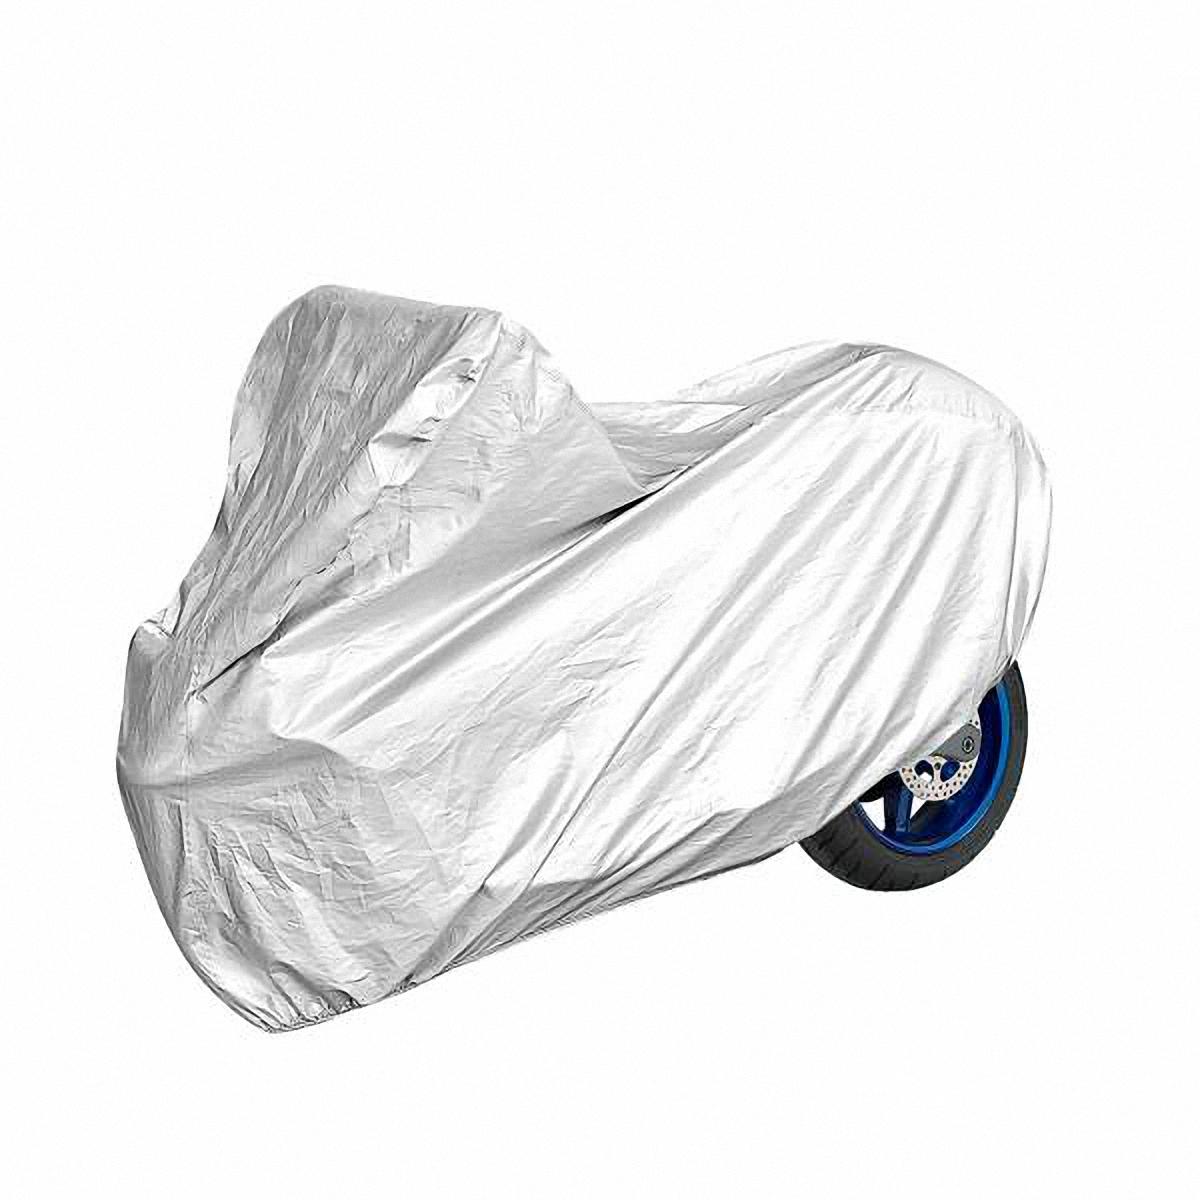 Чехол-тент на мотоцикл Skyway, 246 х 104 х 127 см. Размер XLS04402003Тент на мотоцикл позволит защитить кузов вашего транспортного средства от коррозии и загрязнений во время хранения или транспортировки, а вас избавит от необходимости его частого мытья. Чехол-тент предохраняет лакокрасочное покрытие кузова, стекла и фары вашего мотоцикла от воздействия прямых солнечных лучей и неблагоприятных погодных условий, загрязнений. Легко и быстро надевается на мотоцикл, не царапая и не повреждая его. Изготовлен из высококачественного полиэстера. В передней и задней части тента вшиты резинки, стягивающие его нижний край под передним и задним бамперами. Обладает высокой влаго- и износостойкостью. Обладает светоотражающими и пылезащитными свойствами. Выдерживает как низкие, так и высокие температуры. Воздухопроницаемый материал. Состав: полиэстер. Размер: 246 х 104 х 127 см.